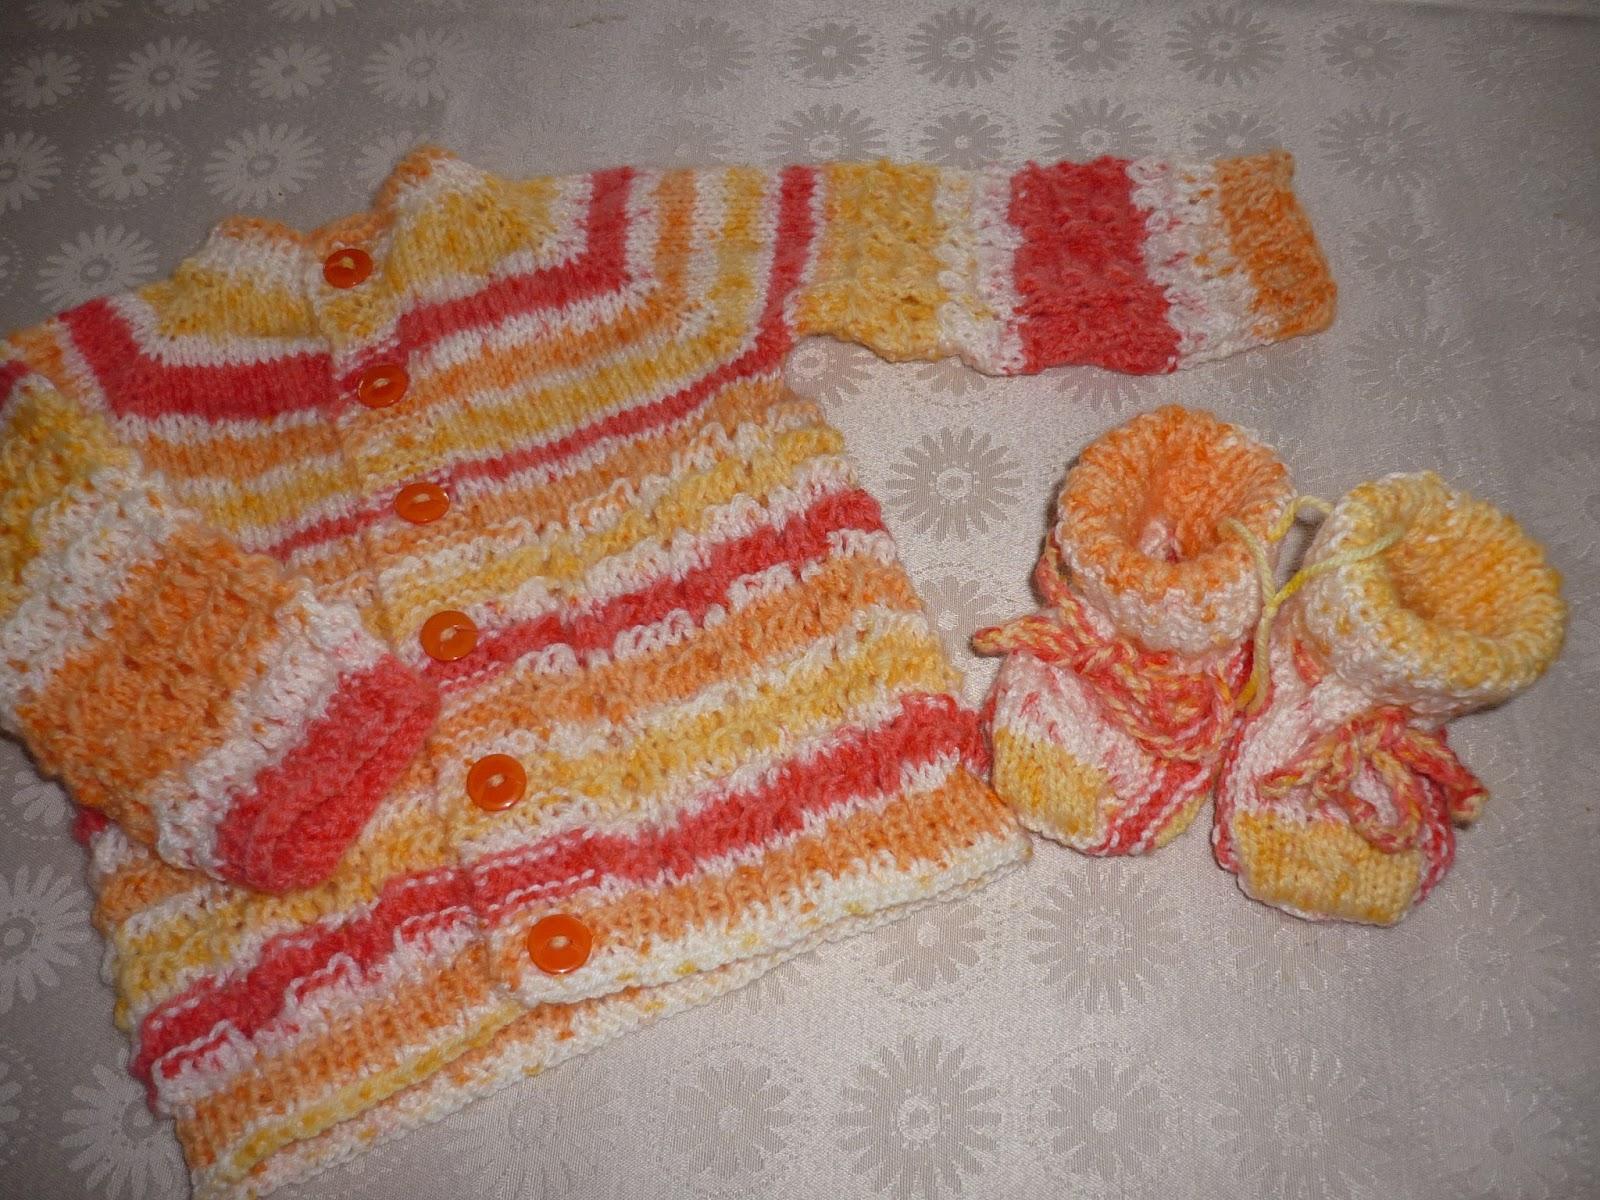 Mis labores de punto y crochet bebe - Labores de crochet para bebes ...